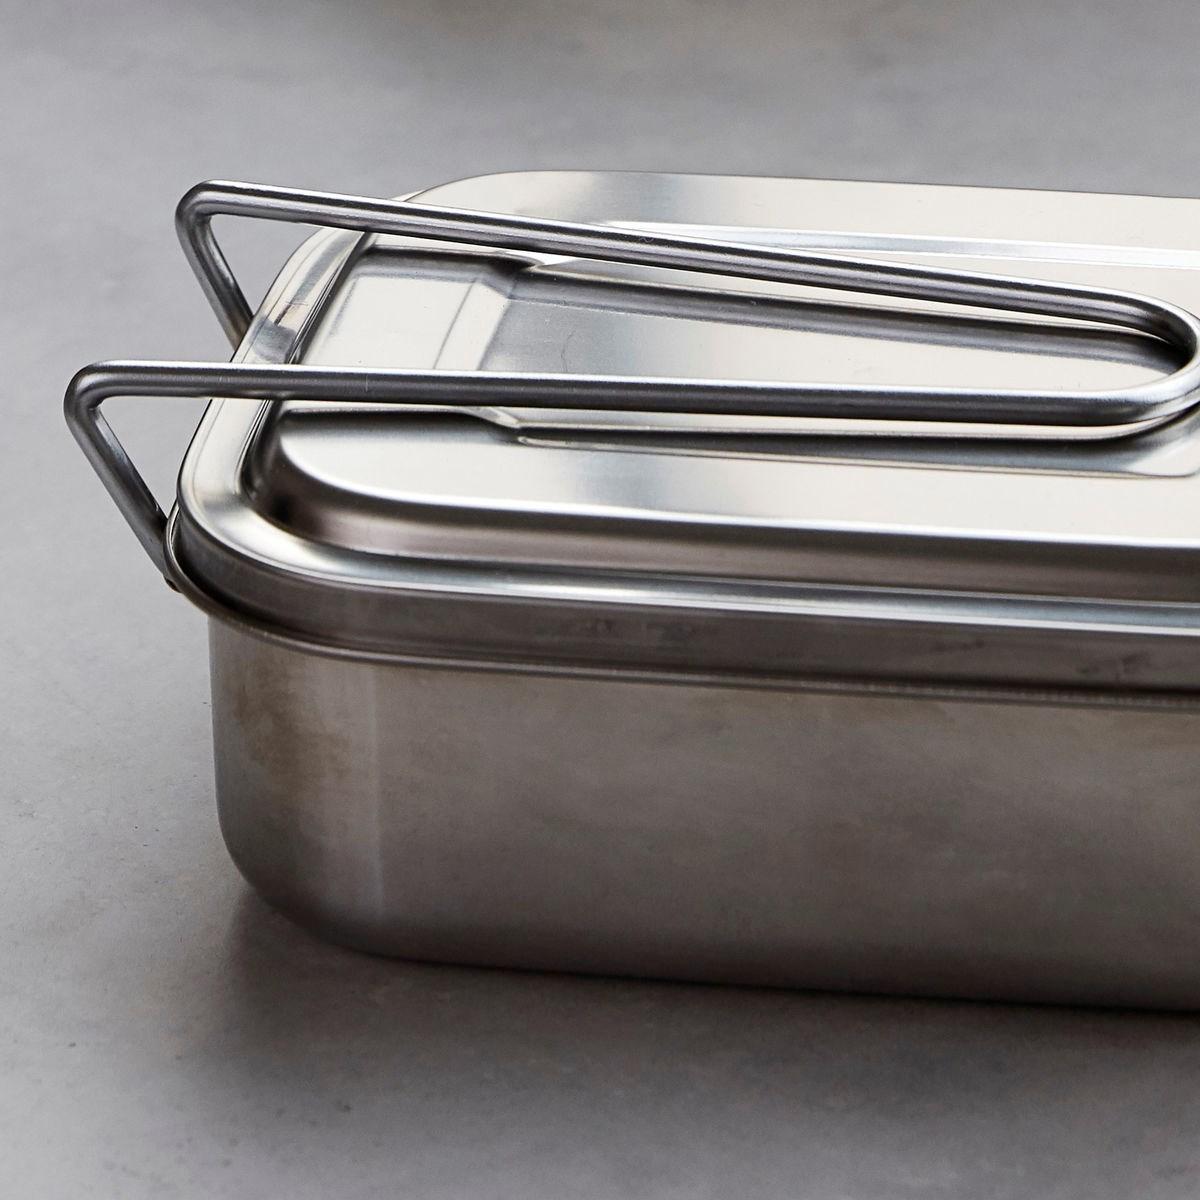 Svačinový/ obědový box BOXIT stříbrný_2